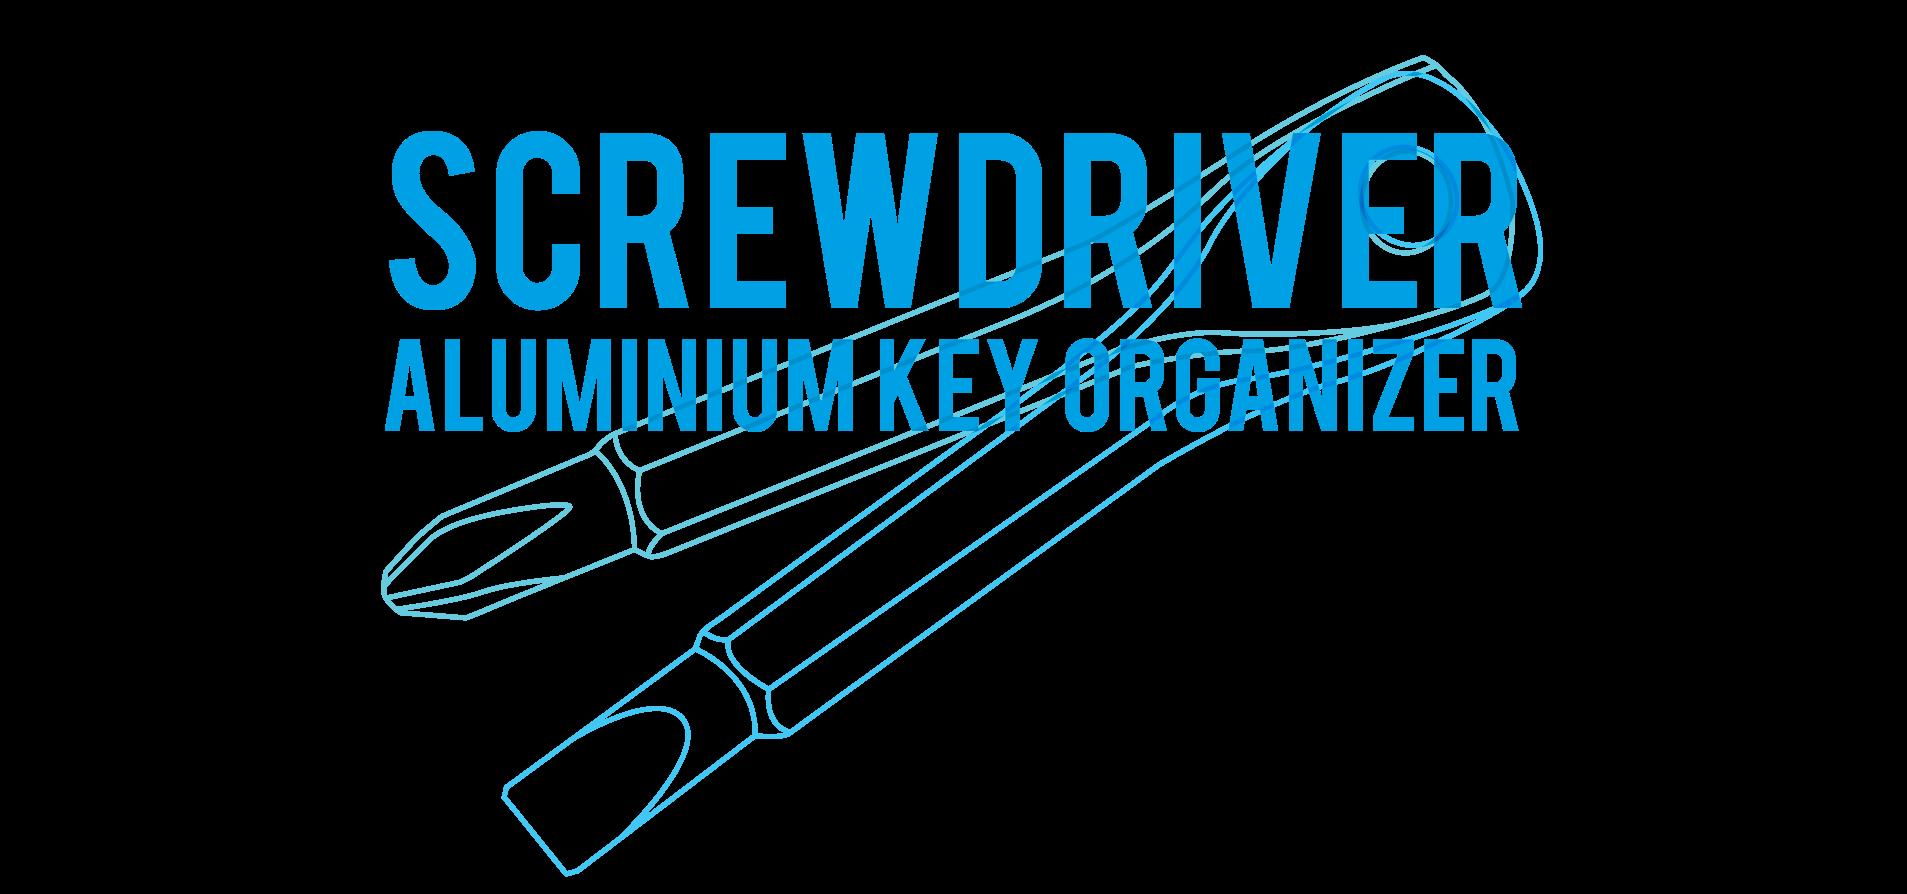 skrewdriver-illustration